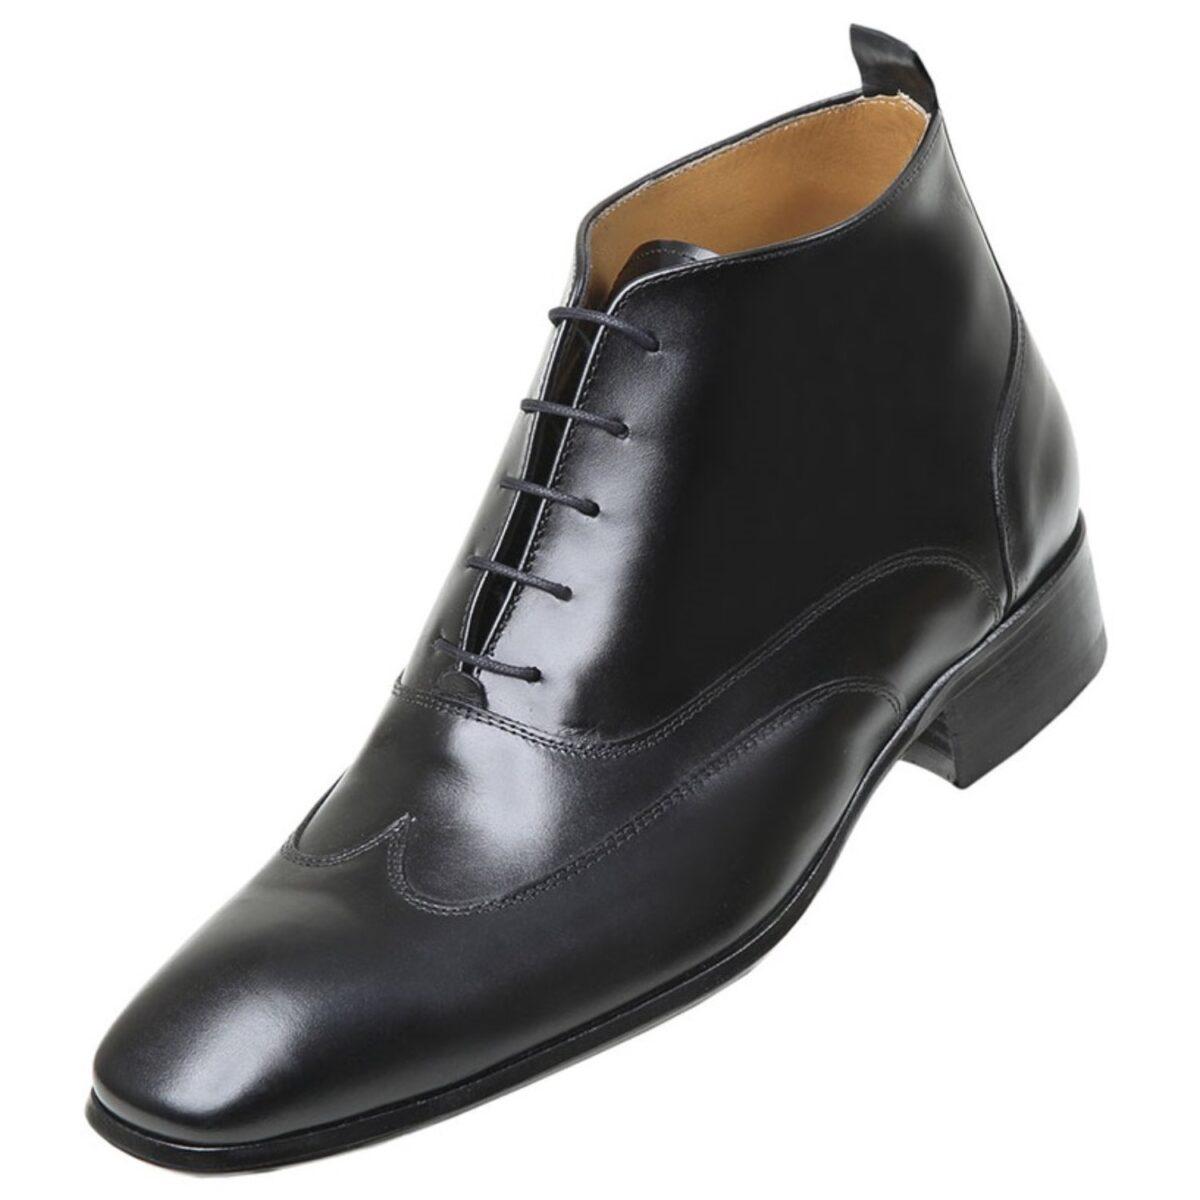 Zapatos con Alzas modelo 8709 Nc - HiPlus